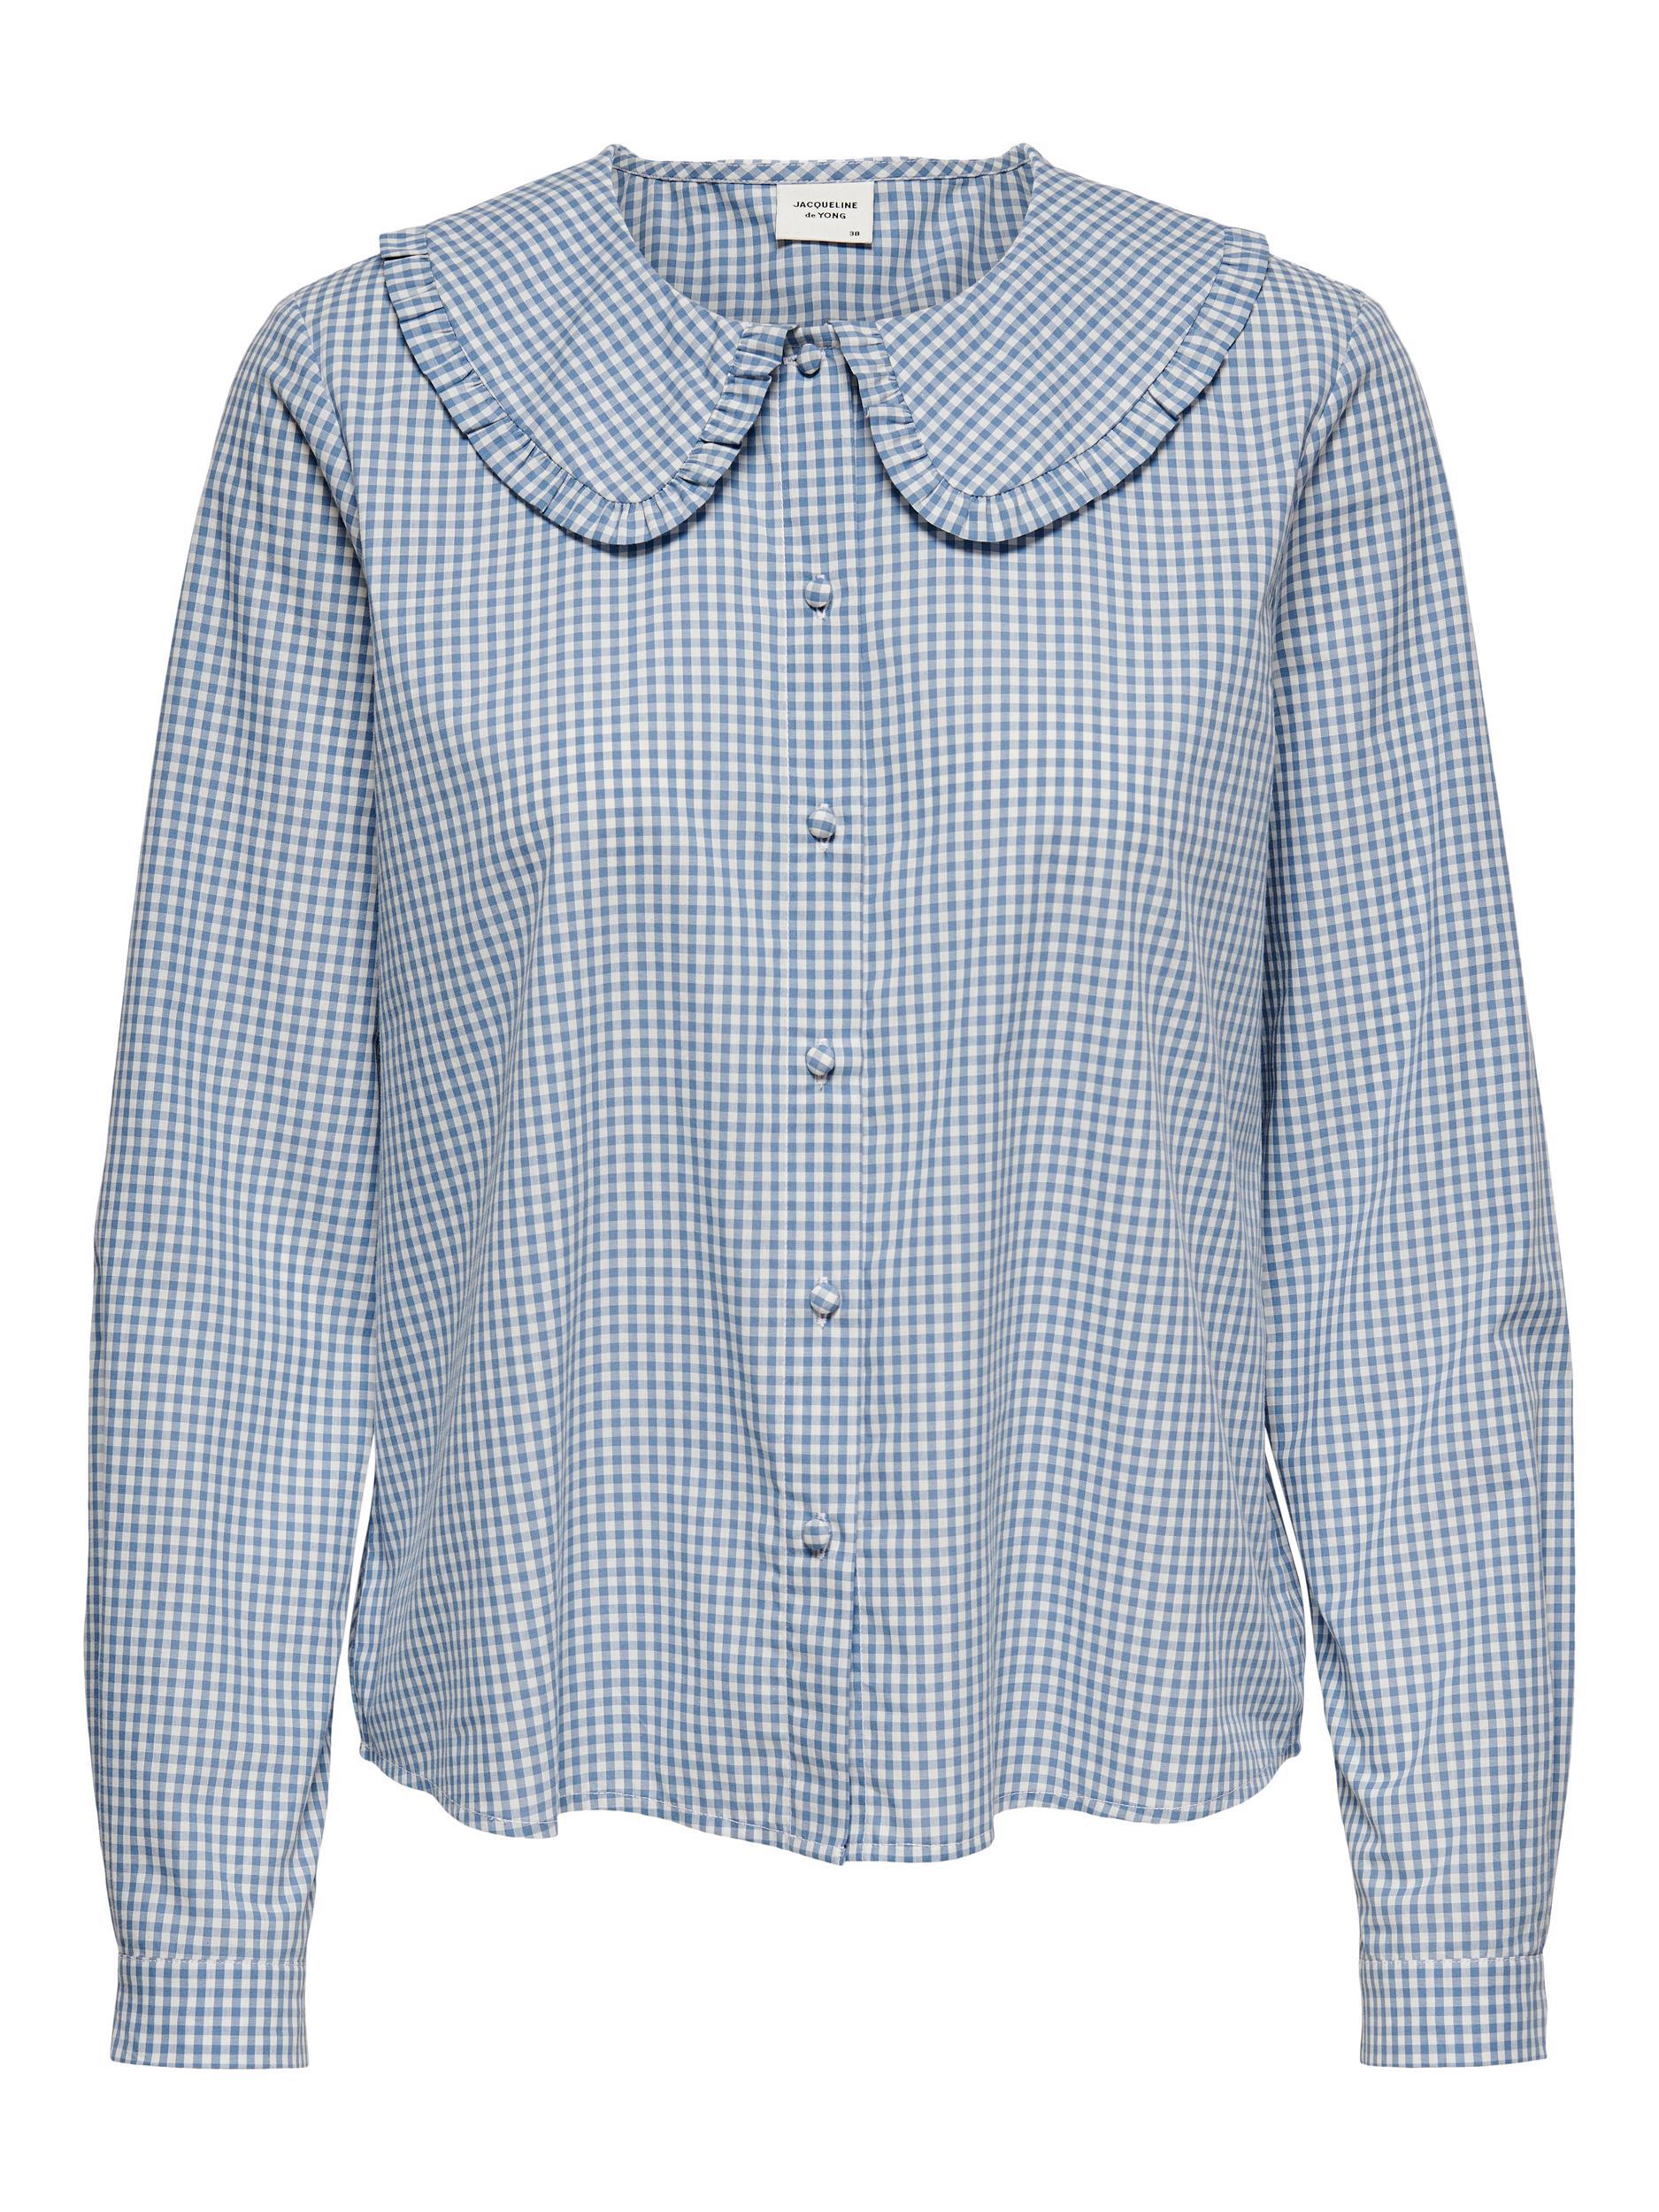 Jacqueline de Yong Kiara skjorte, coronet blue, 38